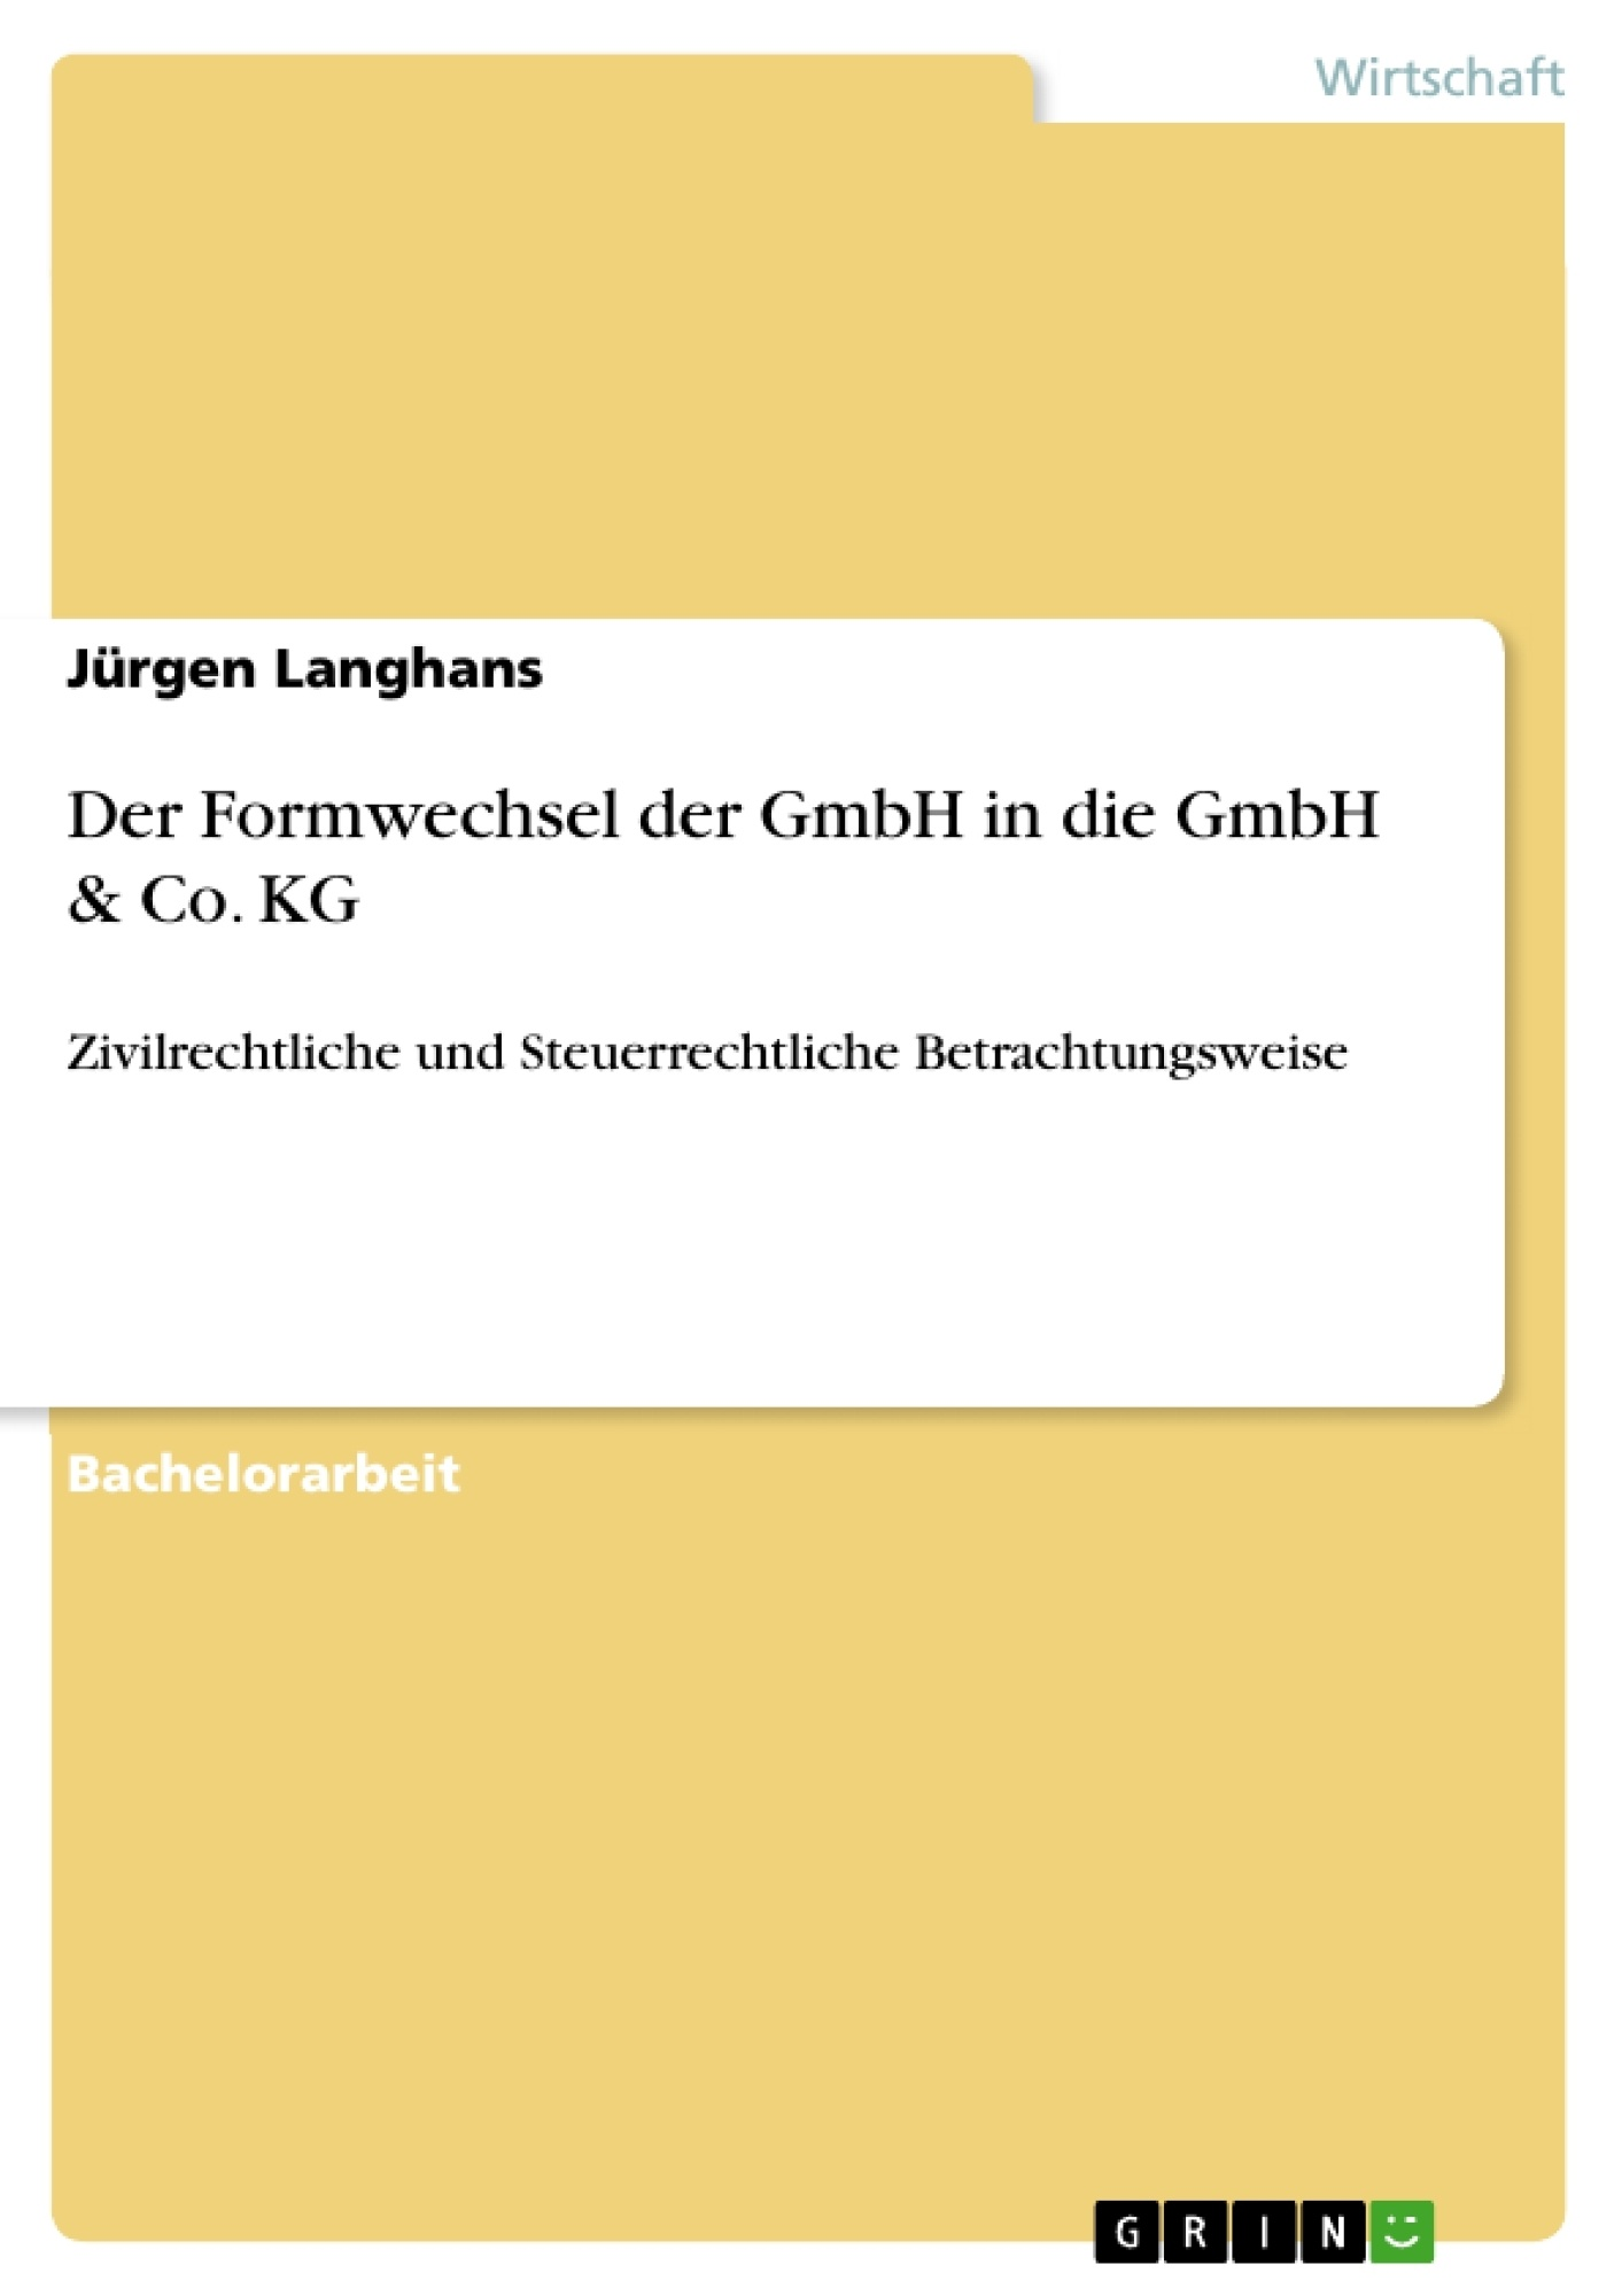 Titel: Der Formwechsel der GmbH in die GmbH & Co. KG